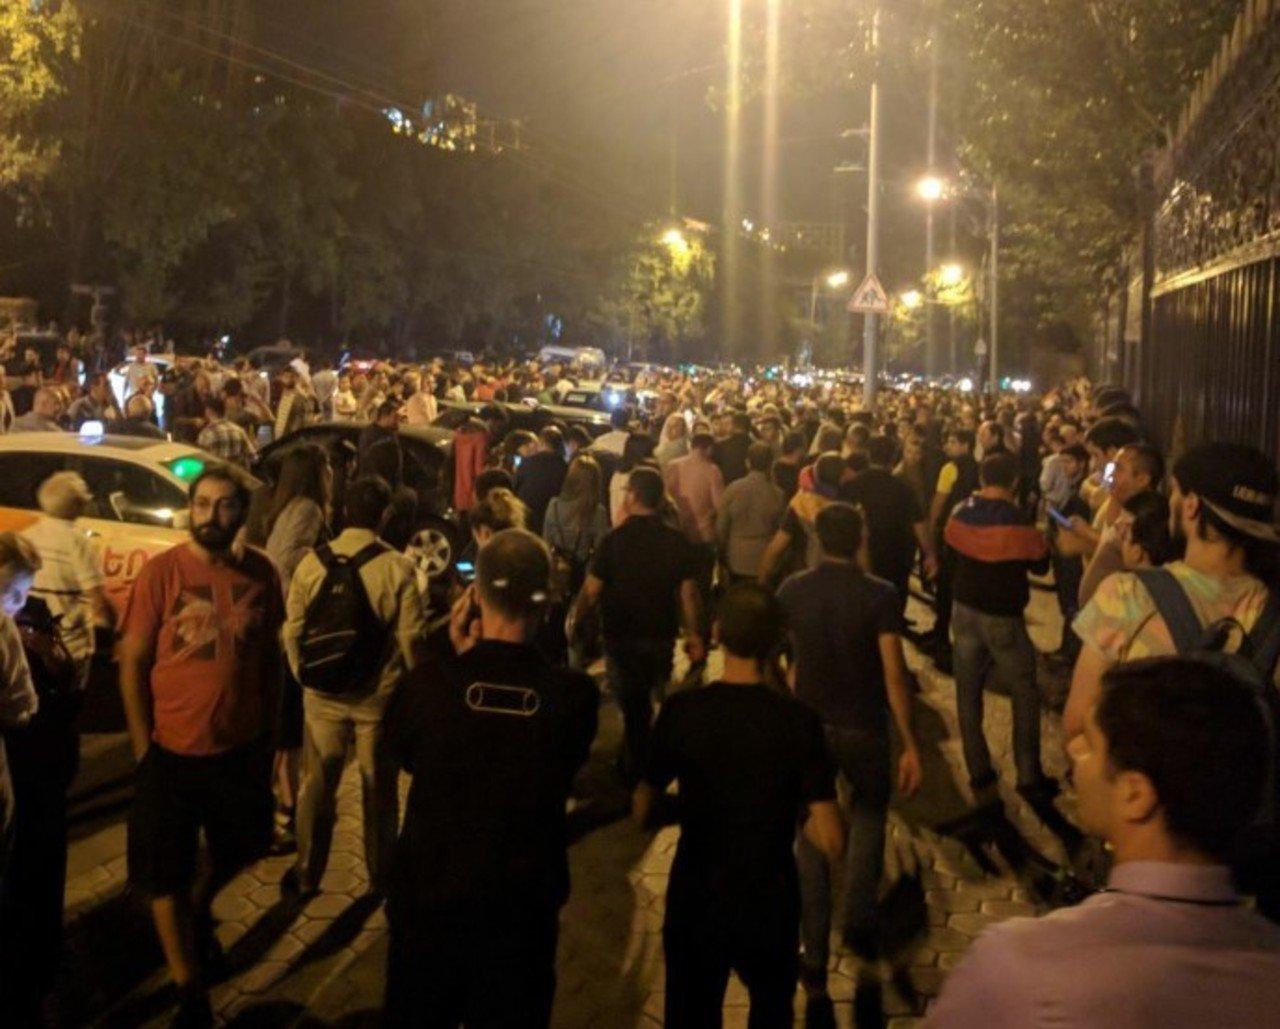 У Вірменії ухвалили закон, який блокуватиме вибори: протестують десятки тисяч людей